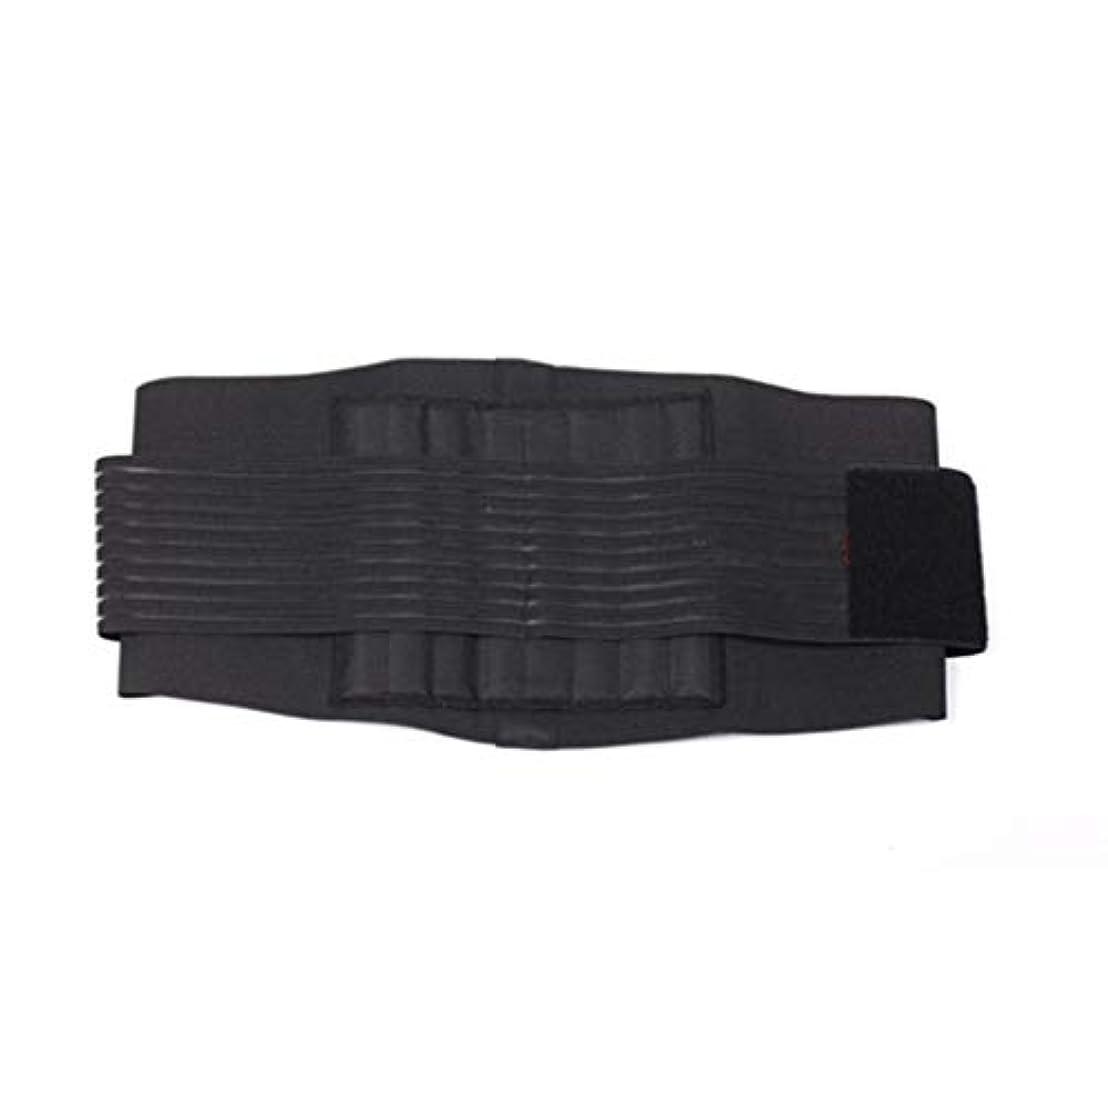 規定対処評価する補正ベルトスチールウエストサポートブレース弾性腹部保護-Rustle666